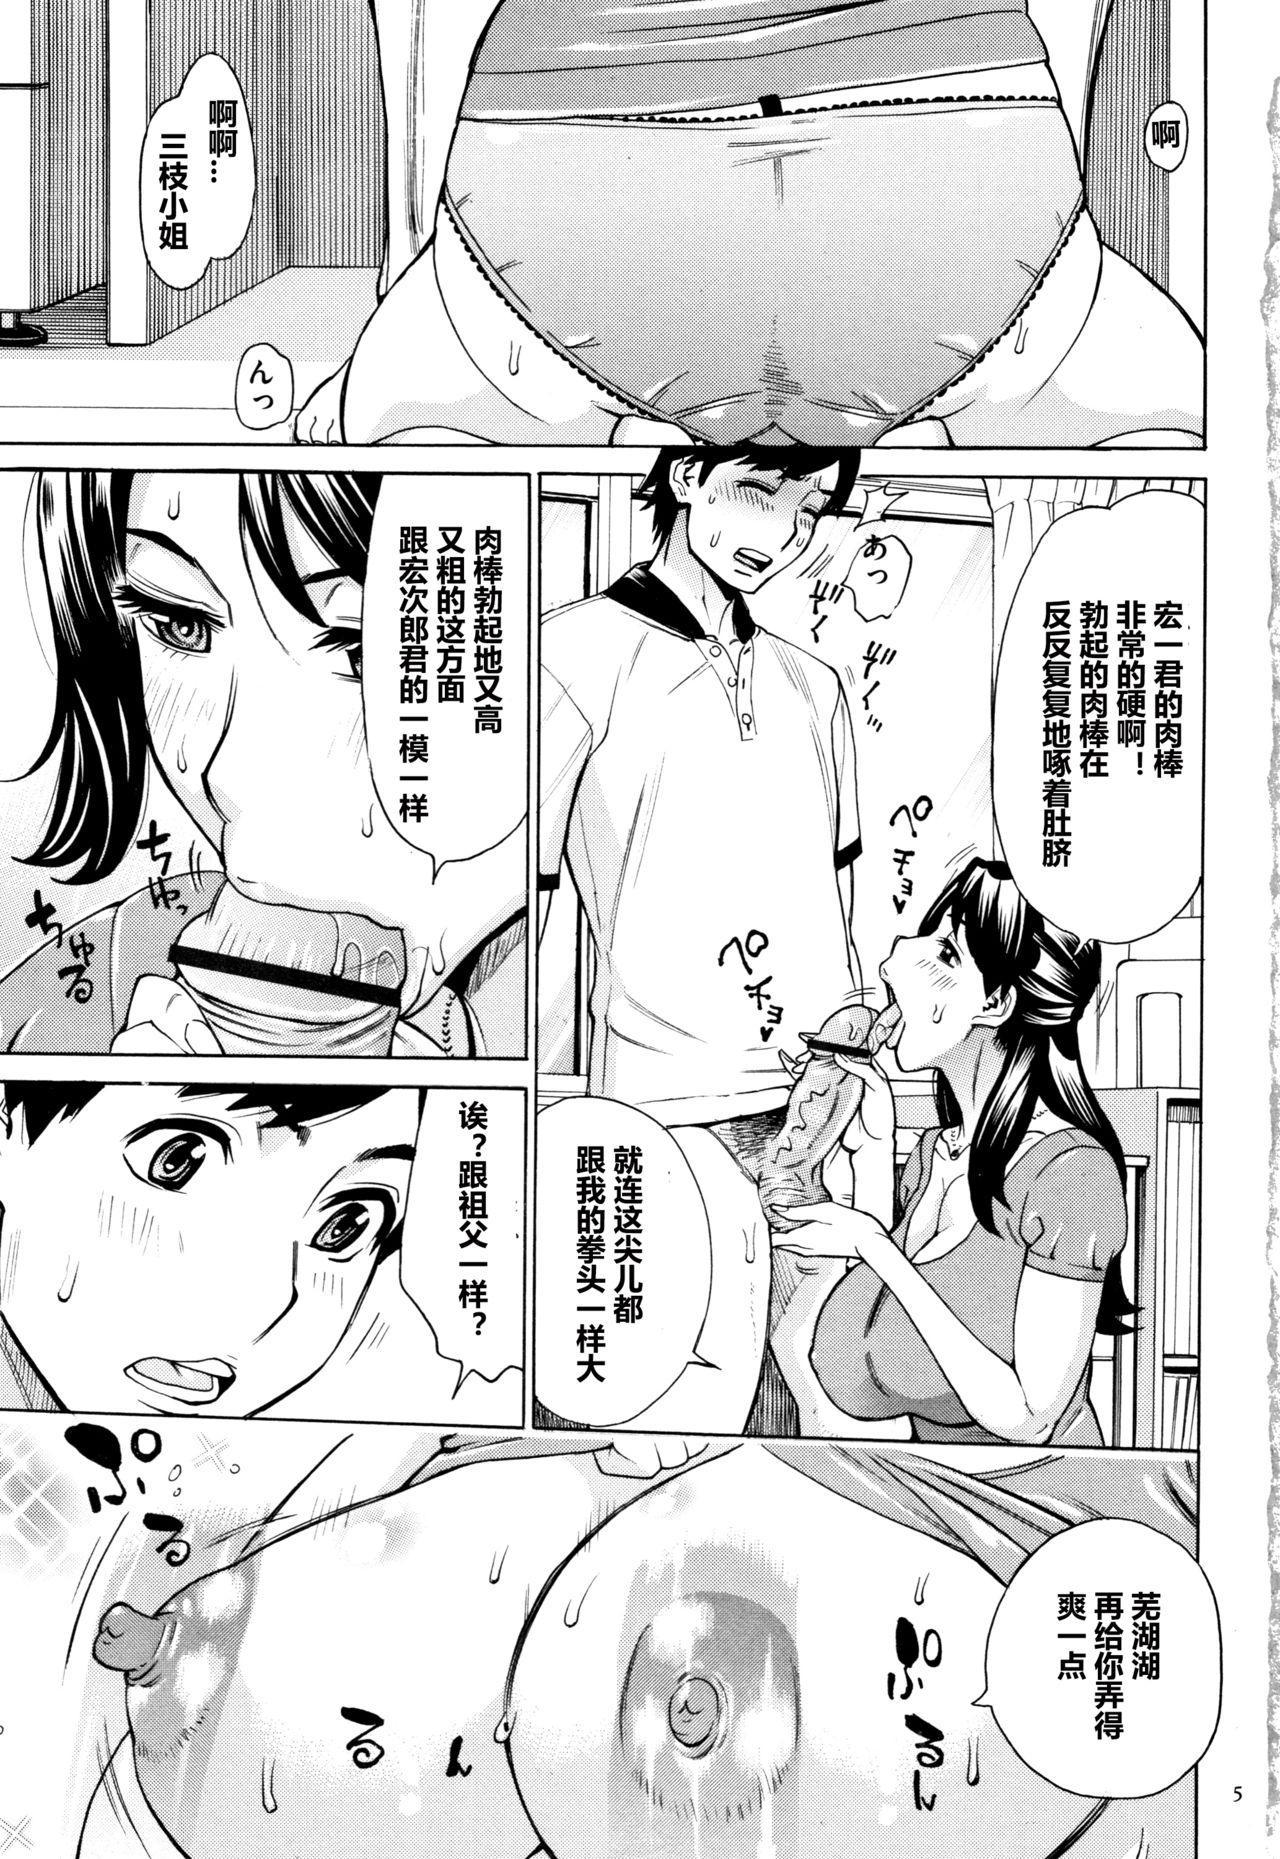 Oba-san dakedo, Daite Hoshii. 5